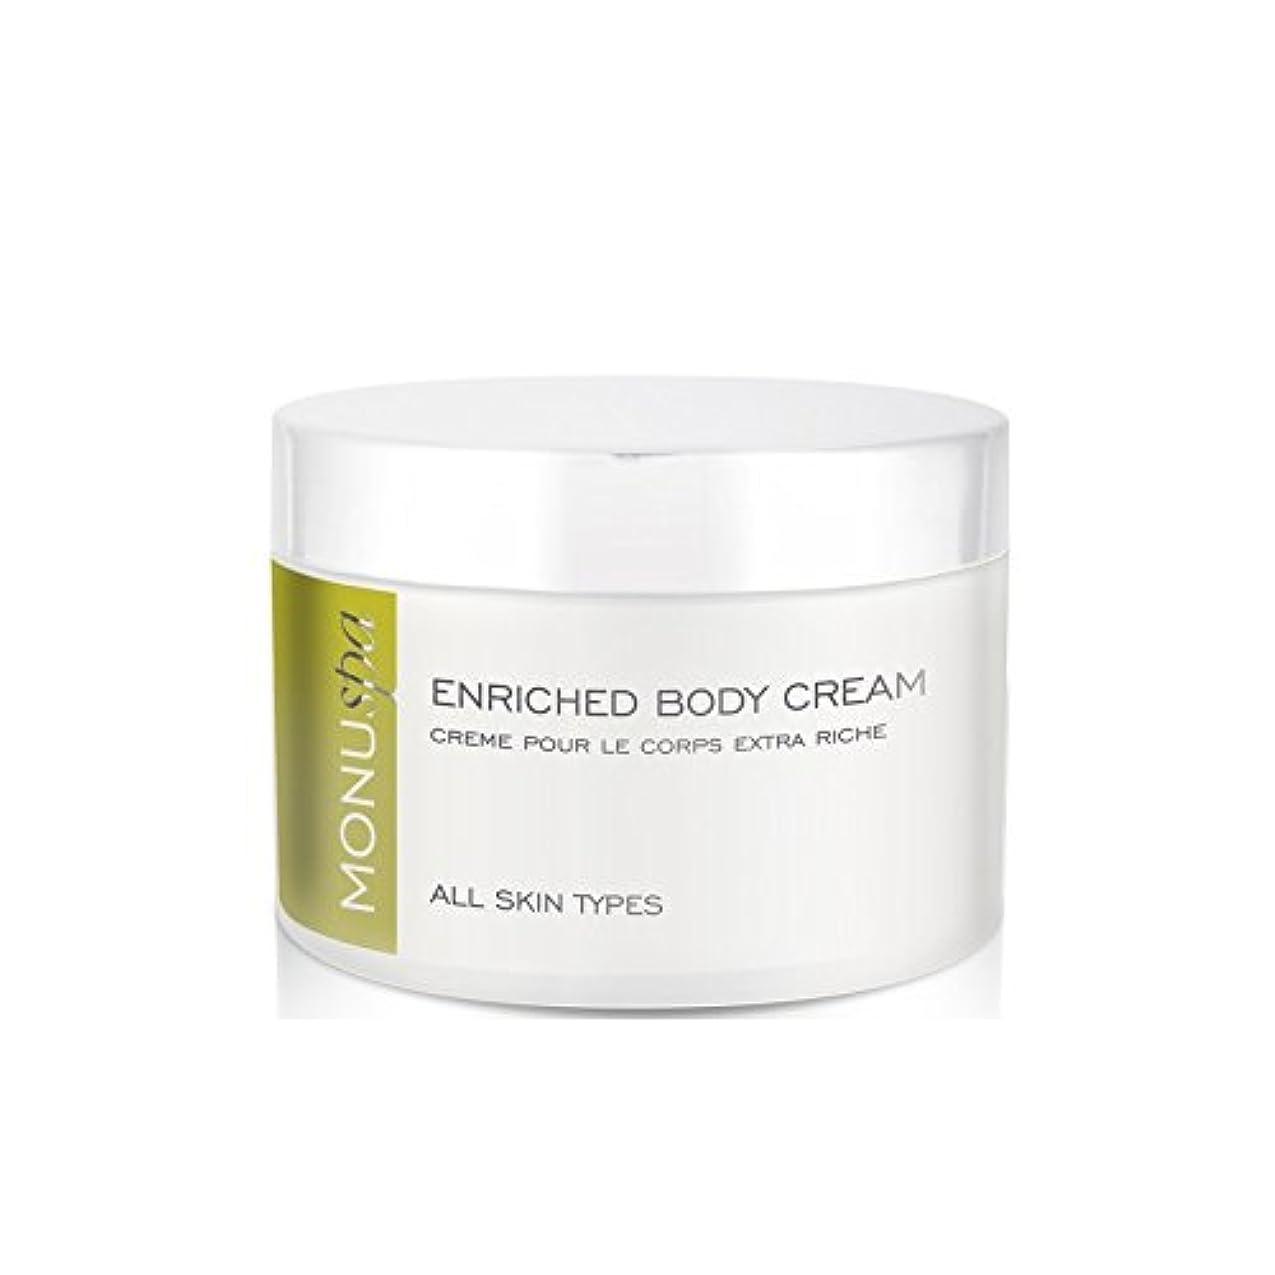 リーダーシップ現代のハードリングMONUspa Enriched Body Cream 200ml - 濃縮ボディクリーム200ミリリットル [並行輸入品]